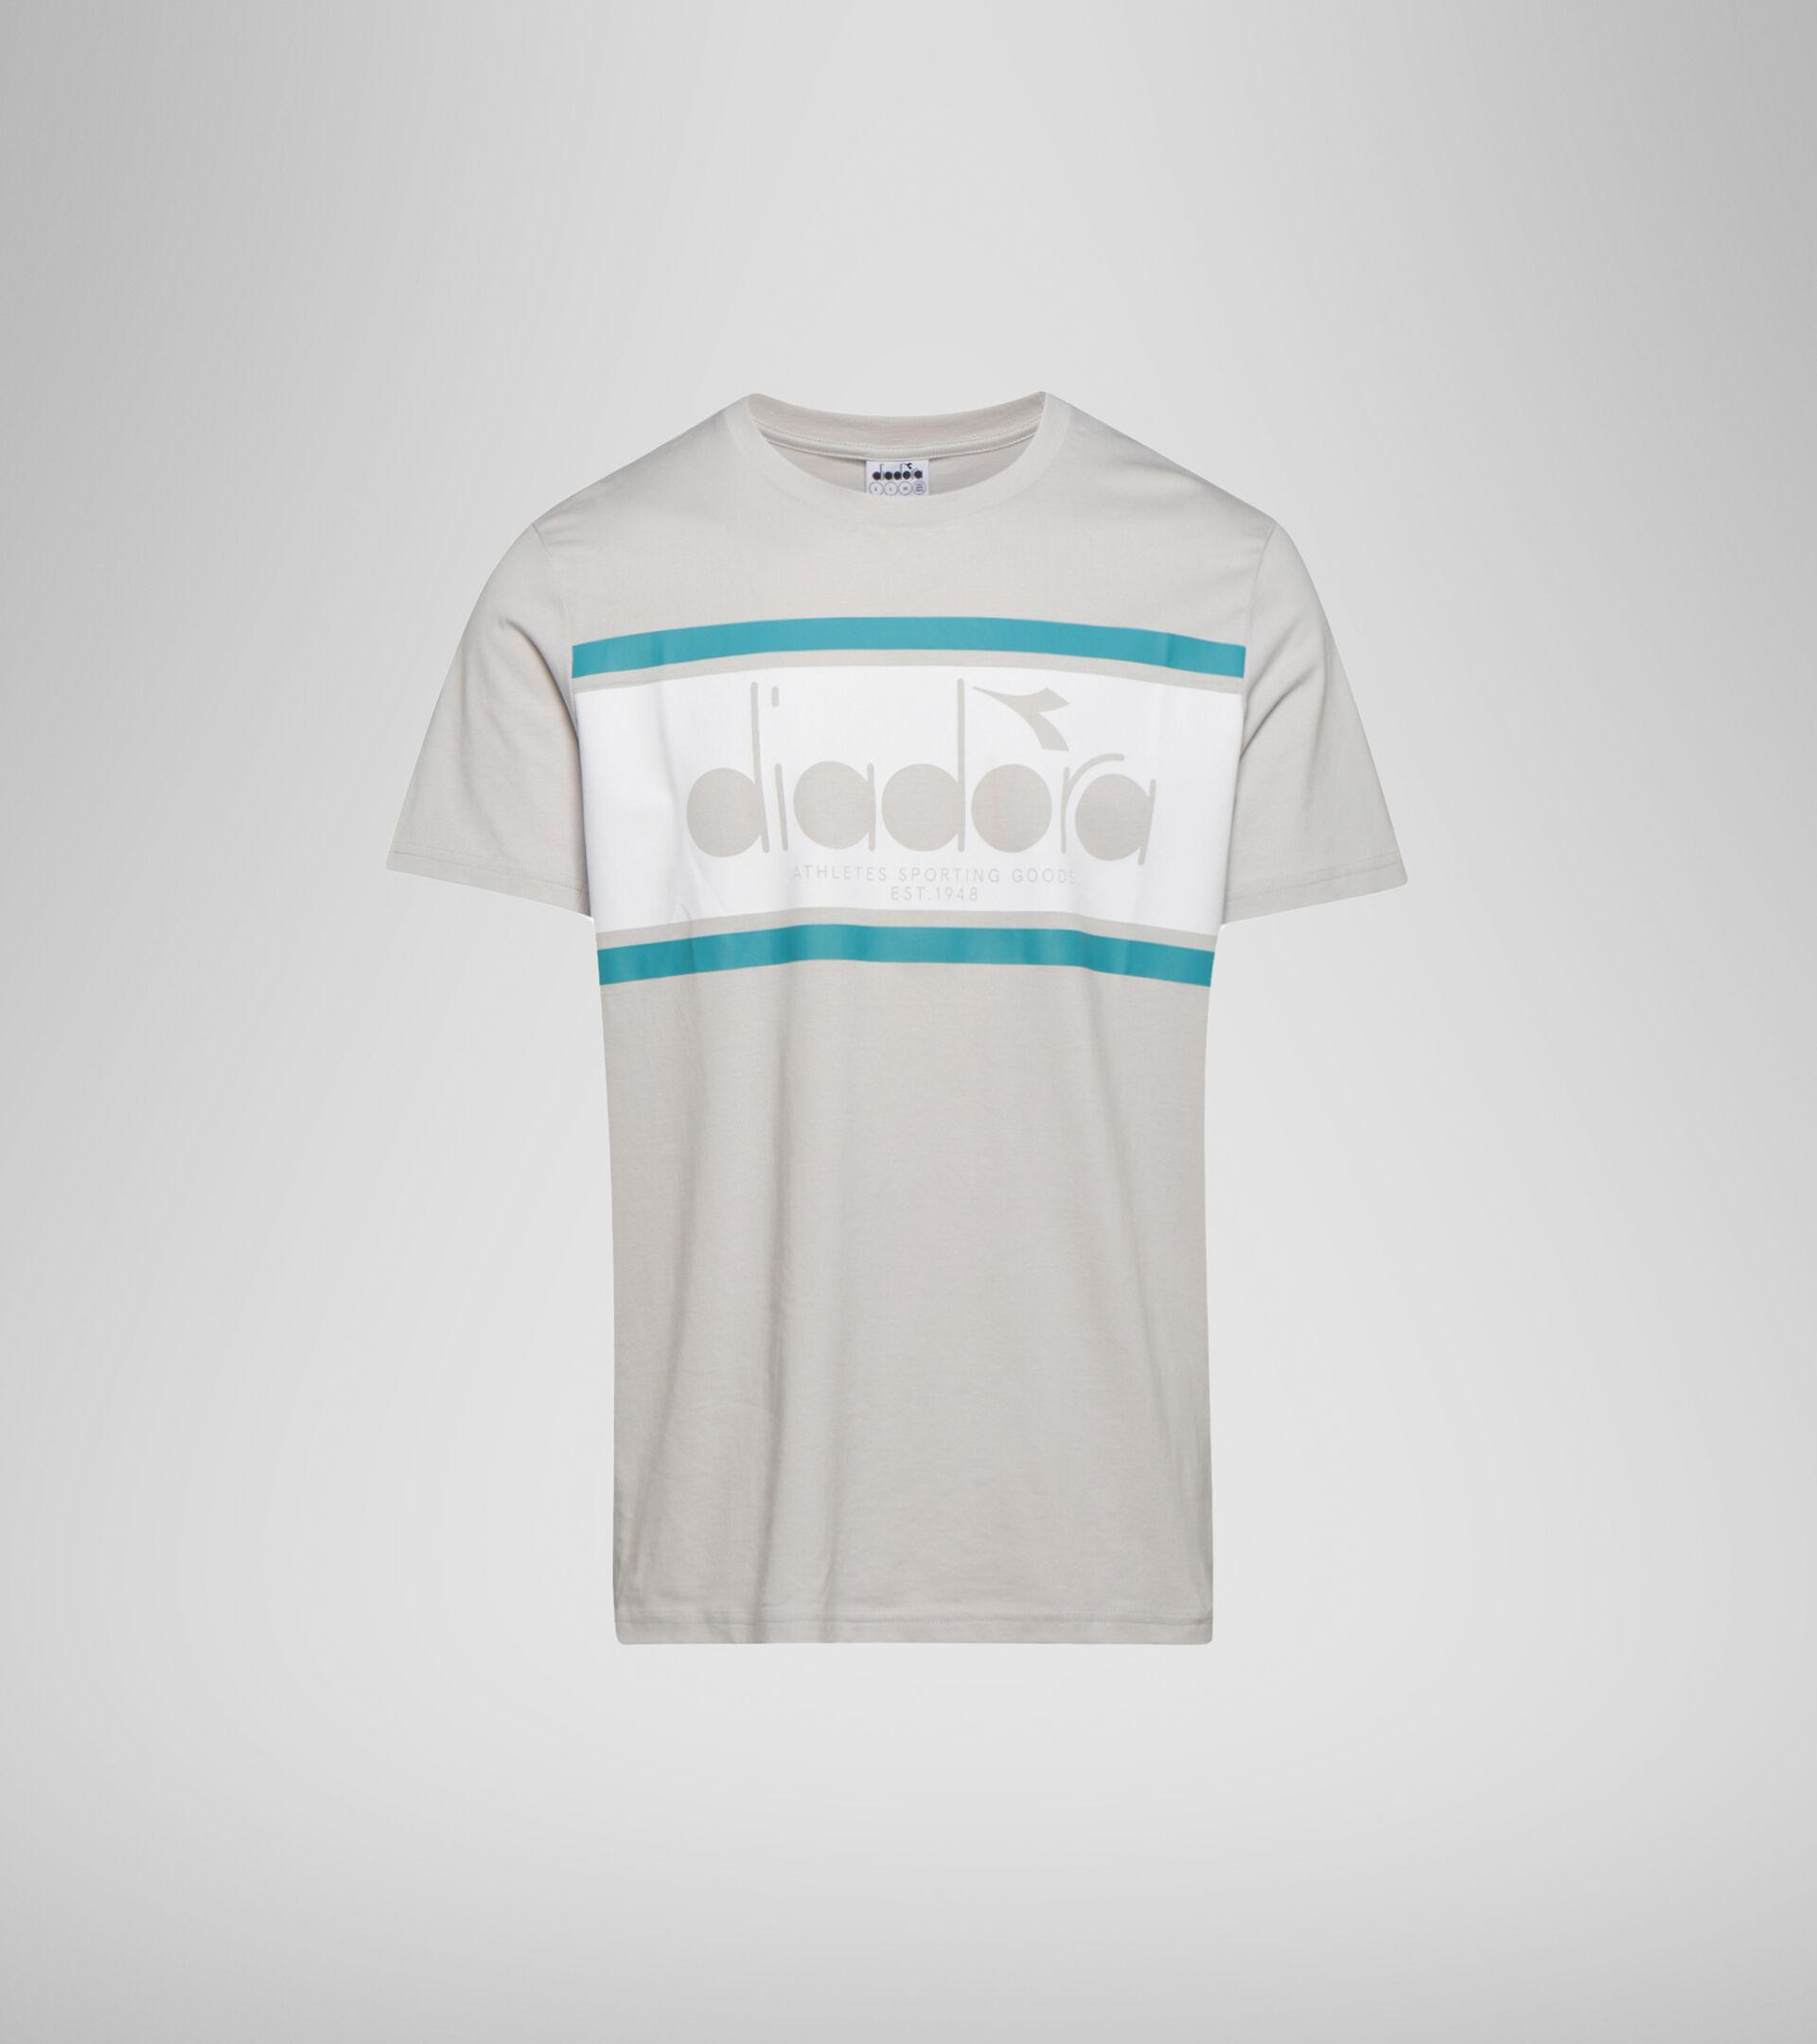 T-Shirt - Unisex SS T-SHIRT SPECTRA OC AUSTERNPILZEN - Diadora